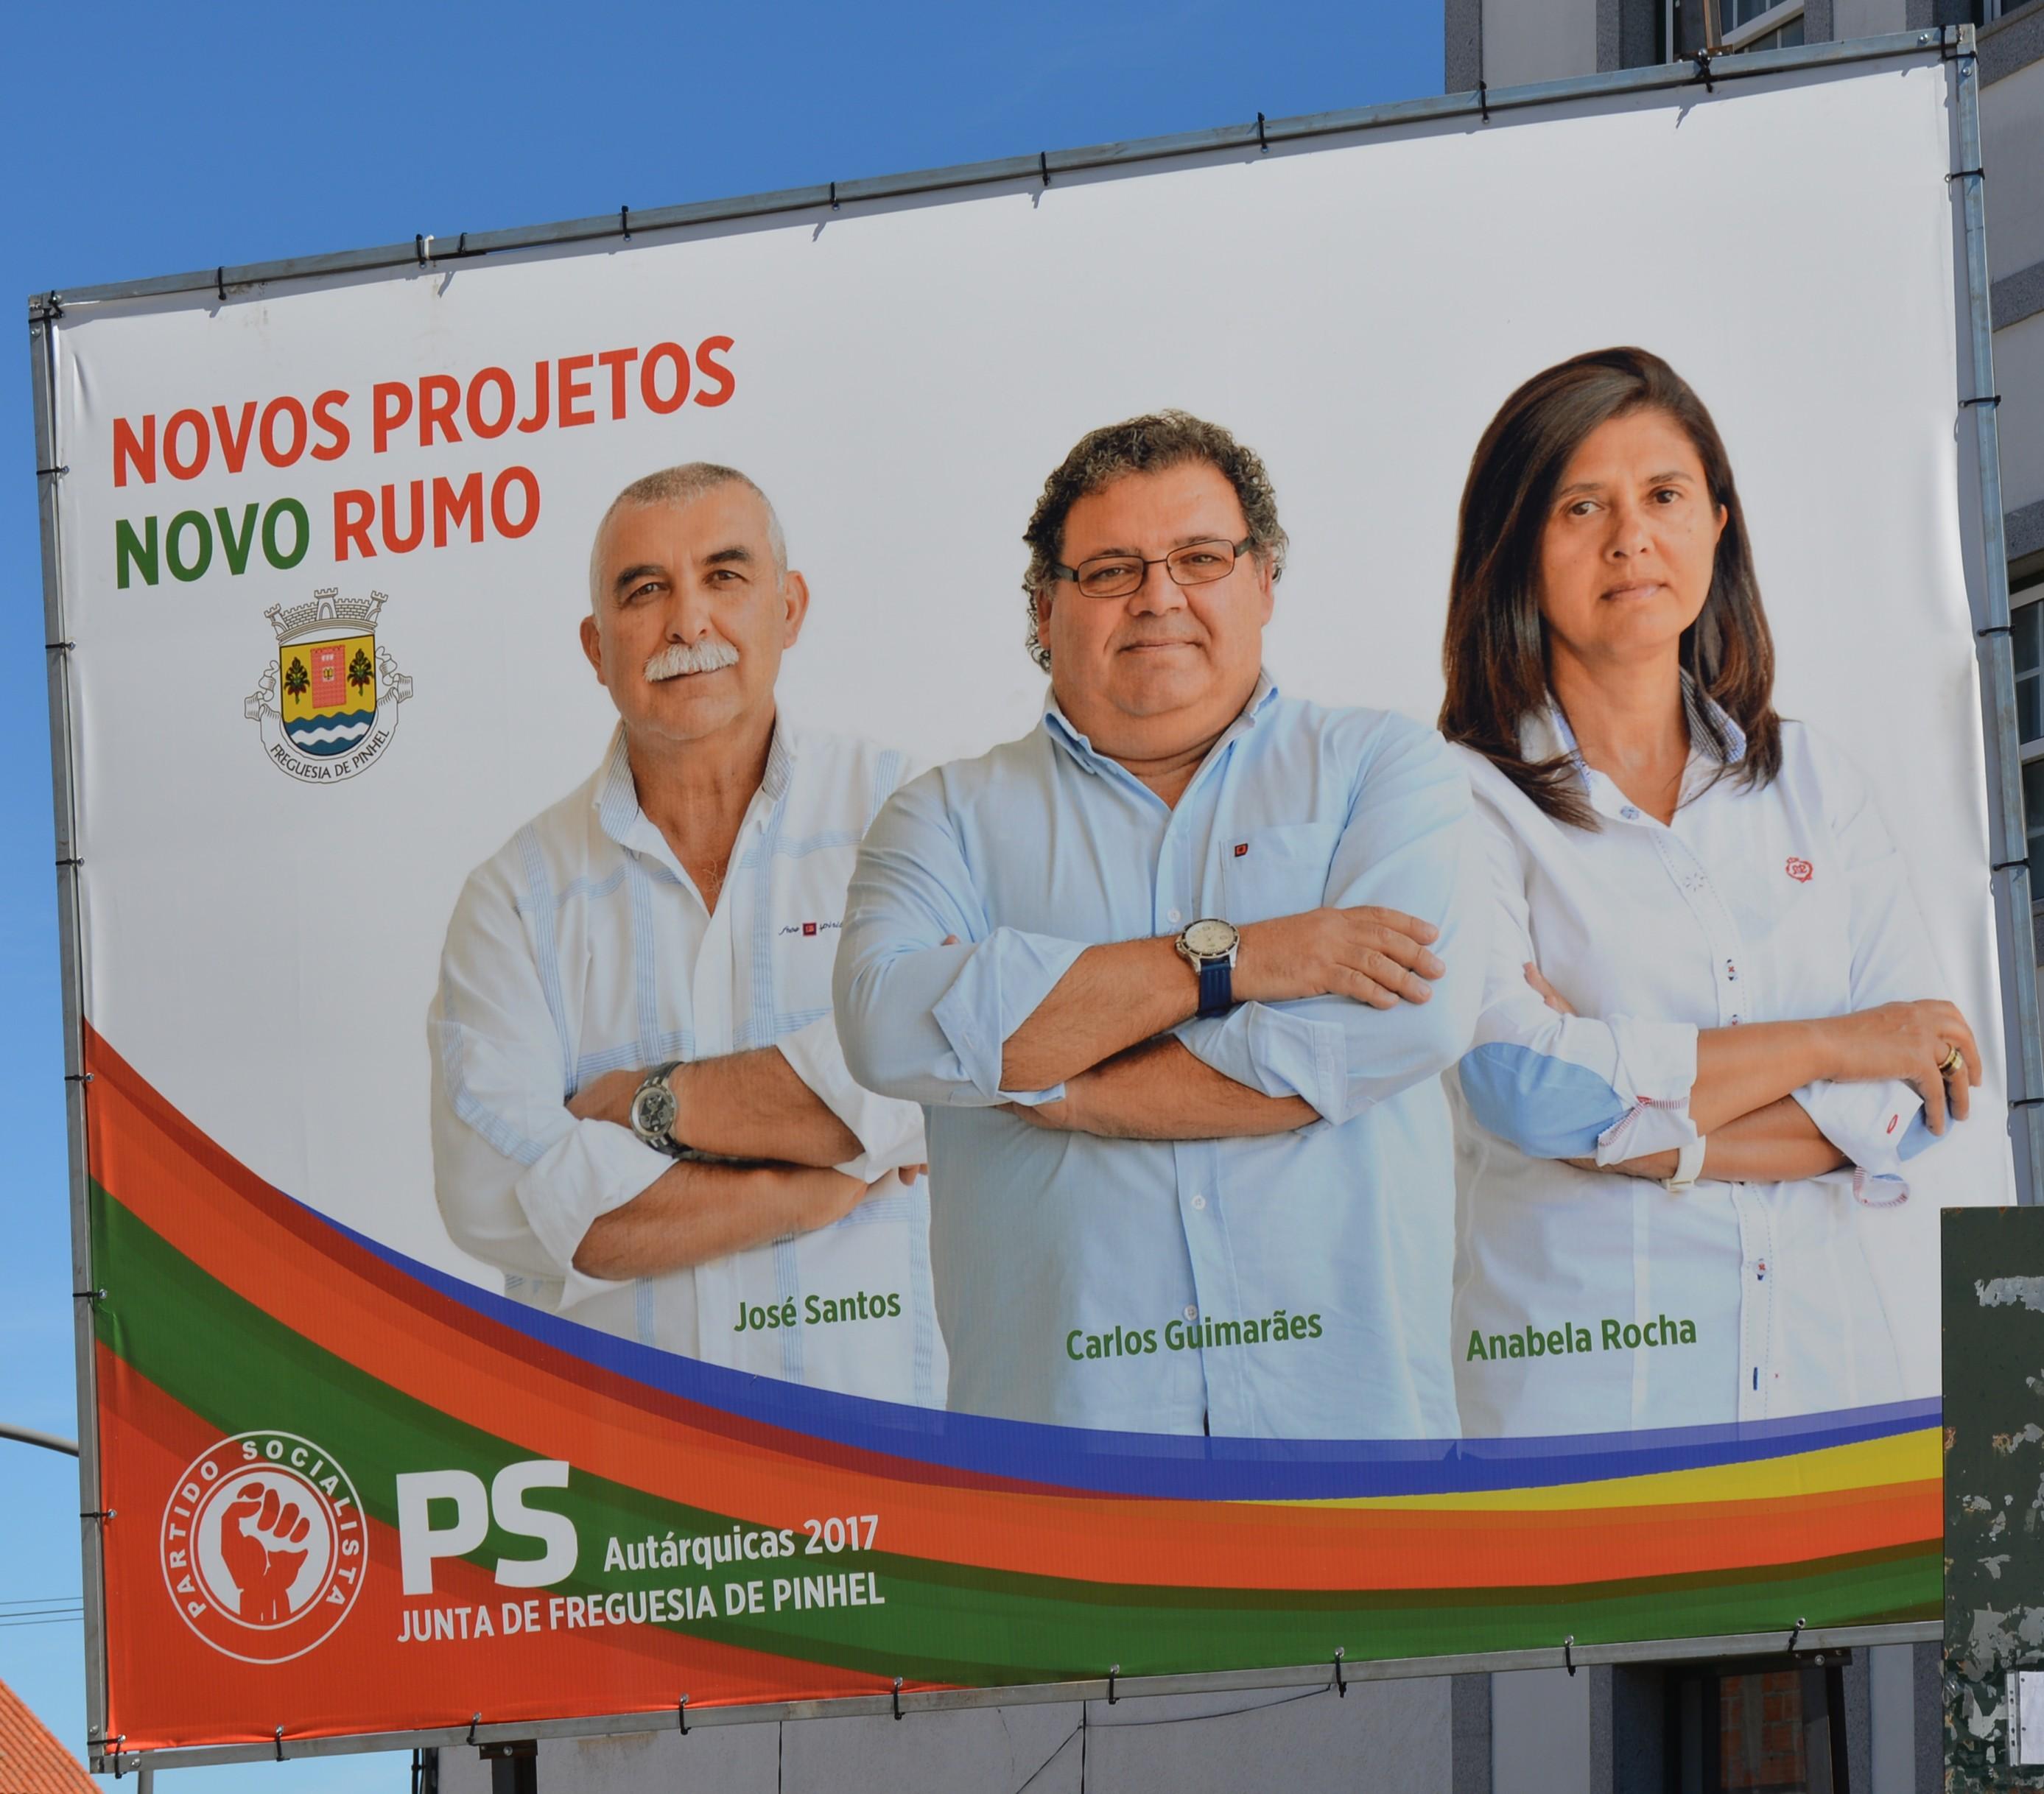 PS – Pinhel – Junta de Freguesia de Pinhel